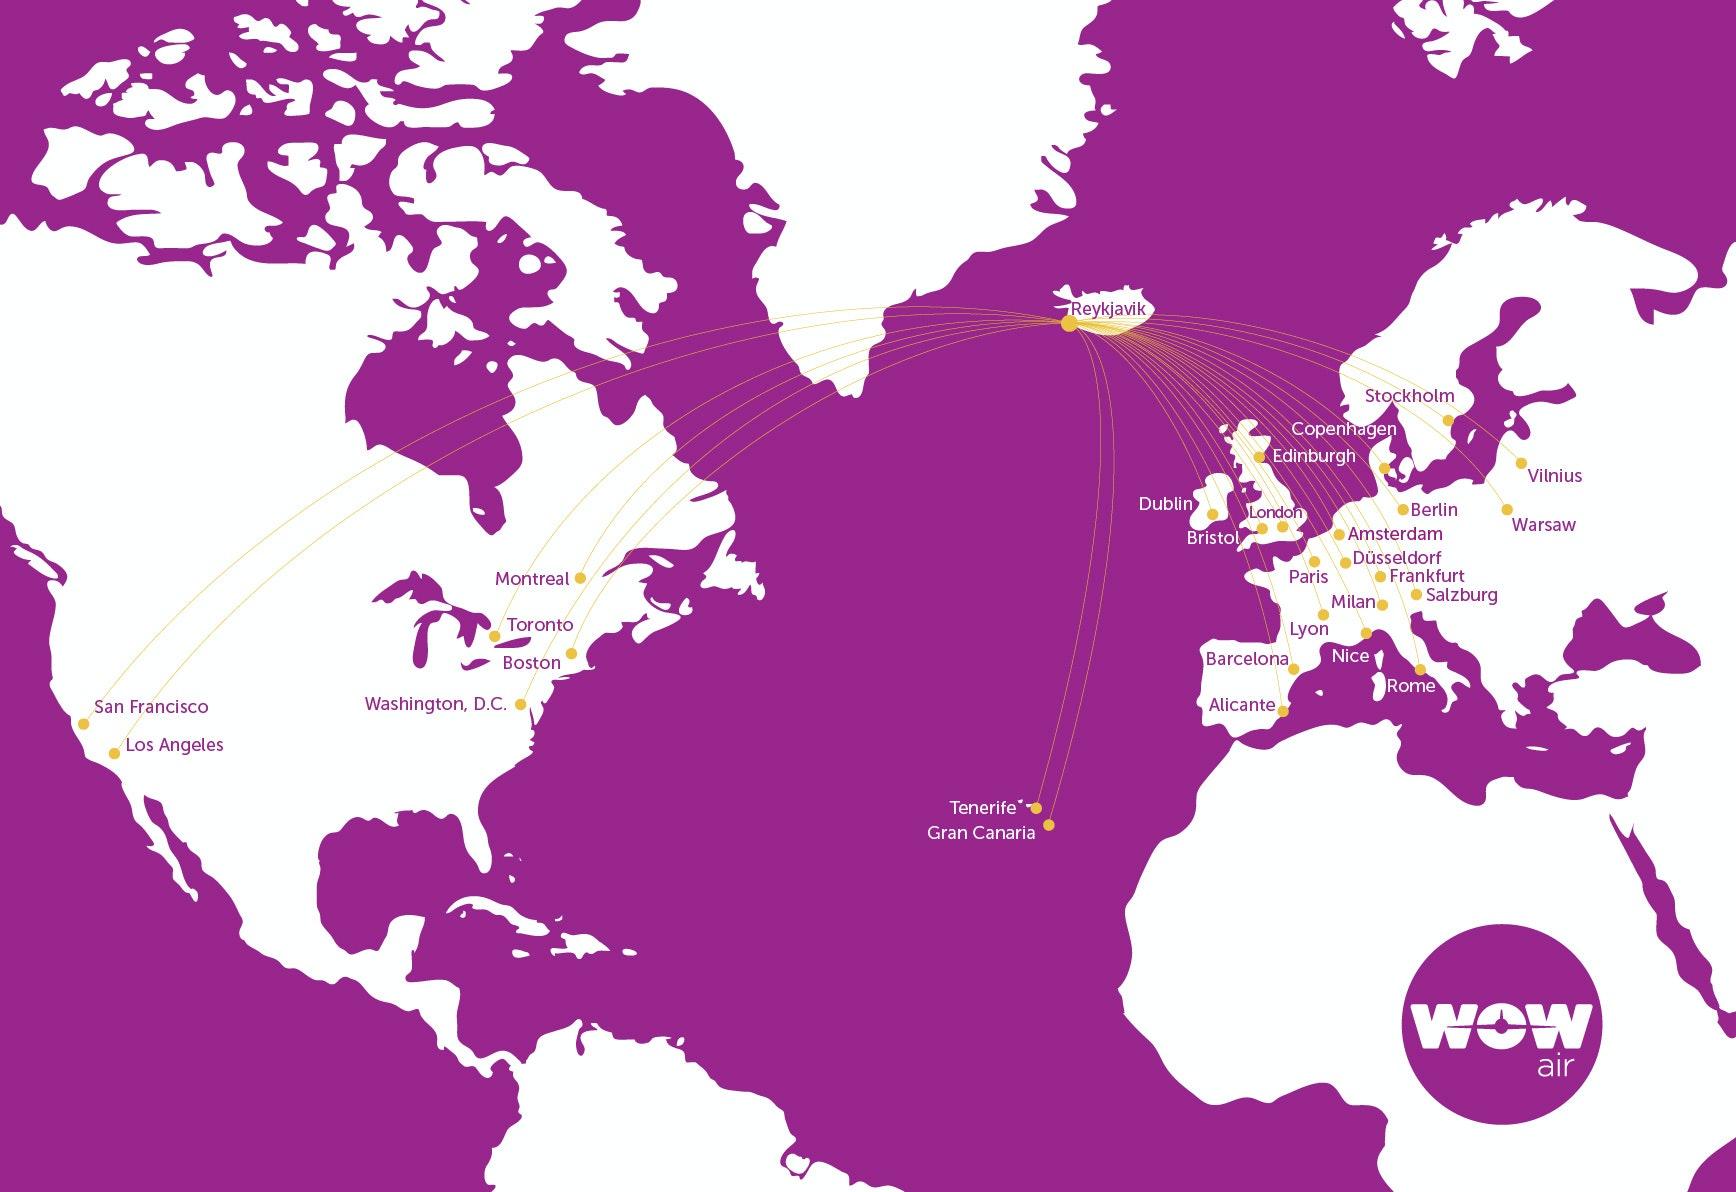 冰岛廉价航空WOW air航线图